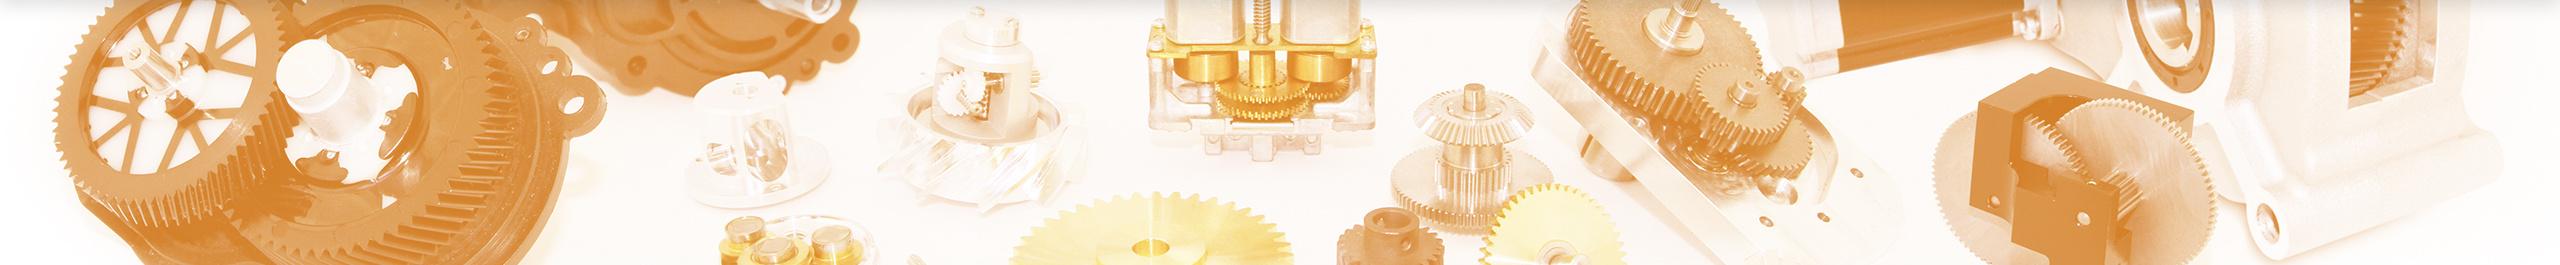 FeinwerkTechnik Geising - Getriebe Drehteile Frästeile Präzisionsteile